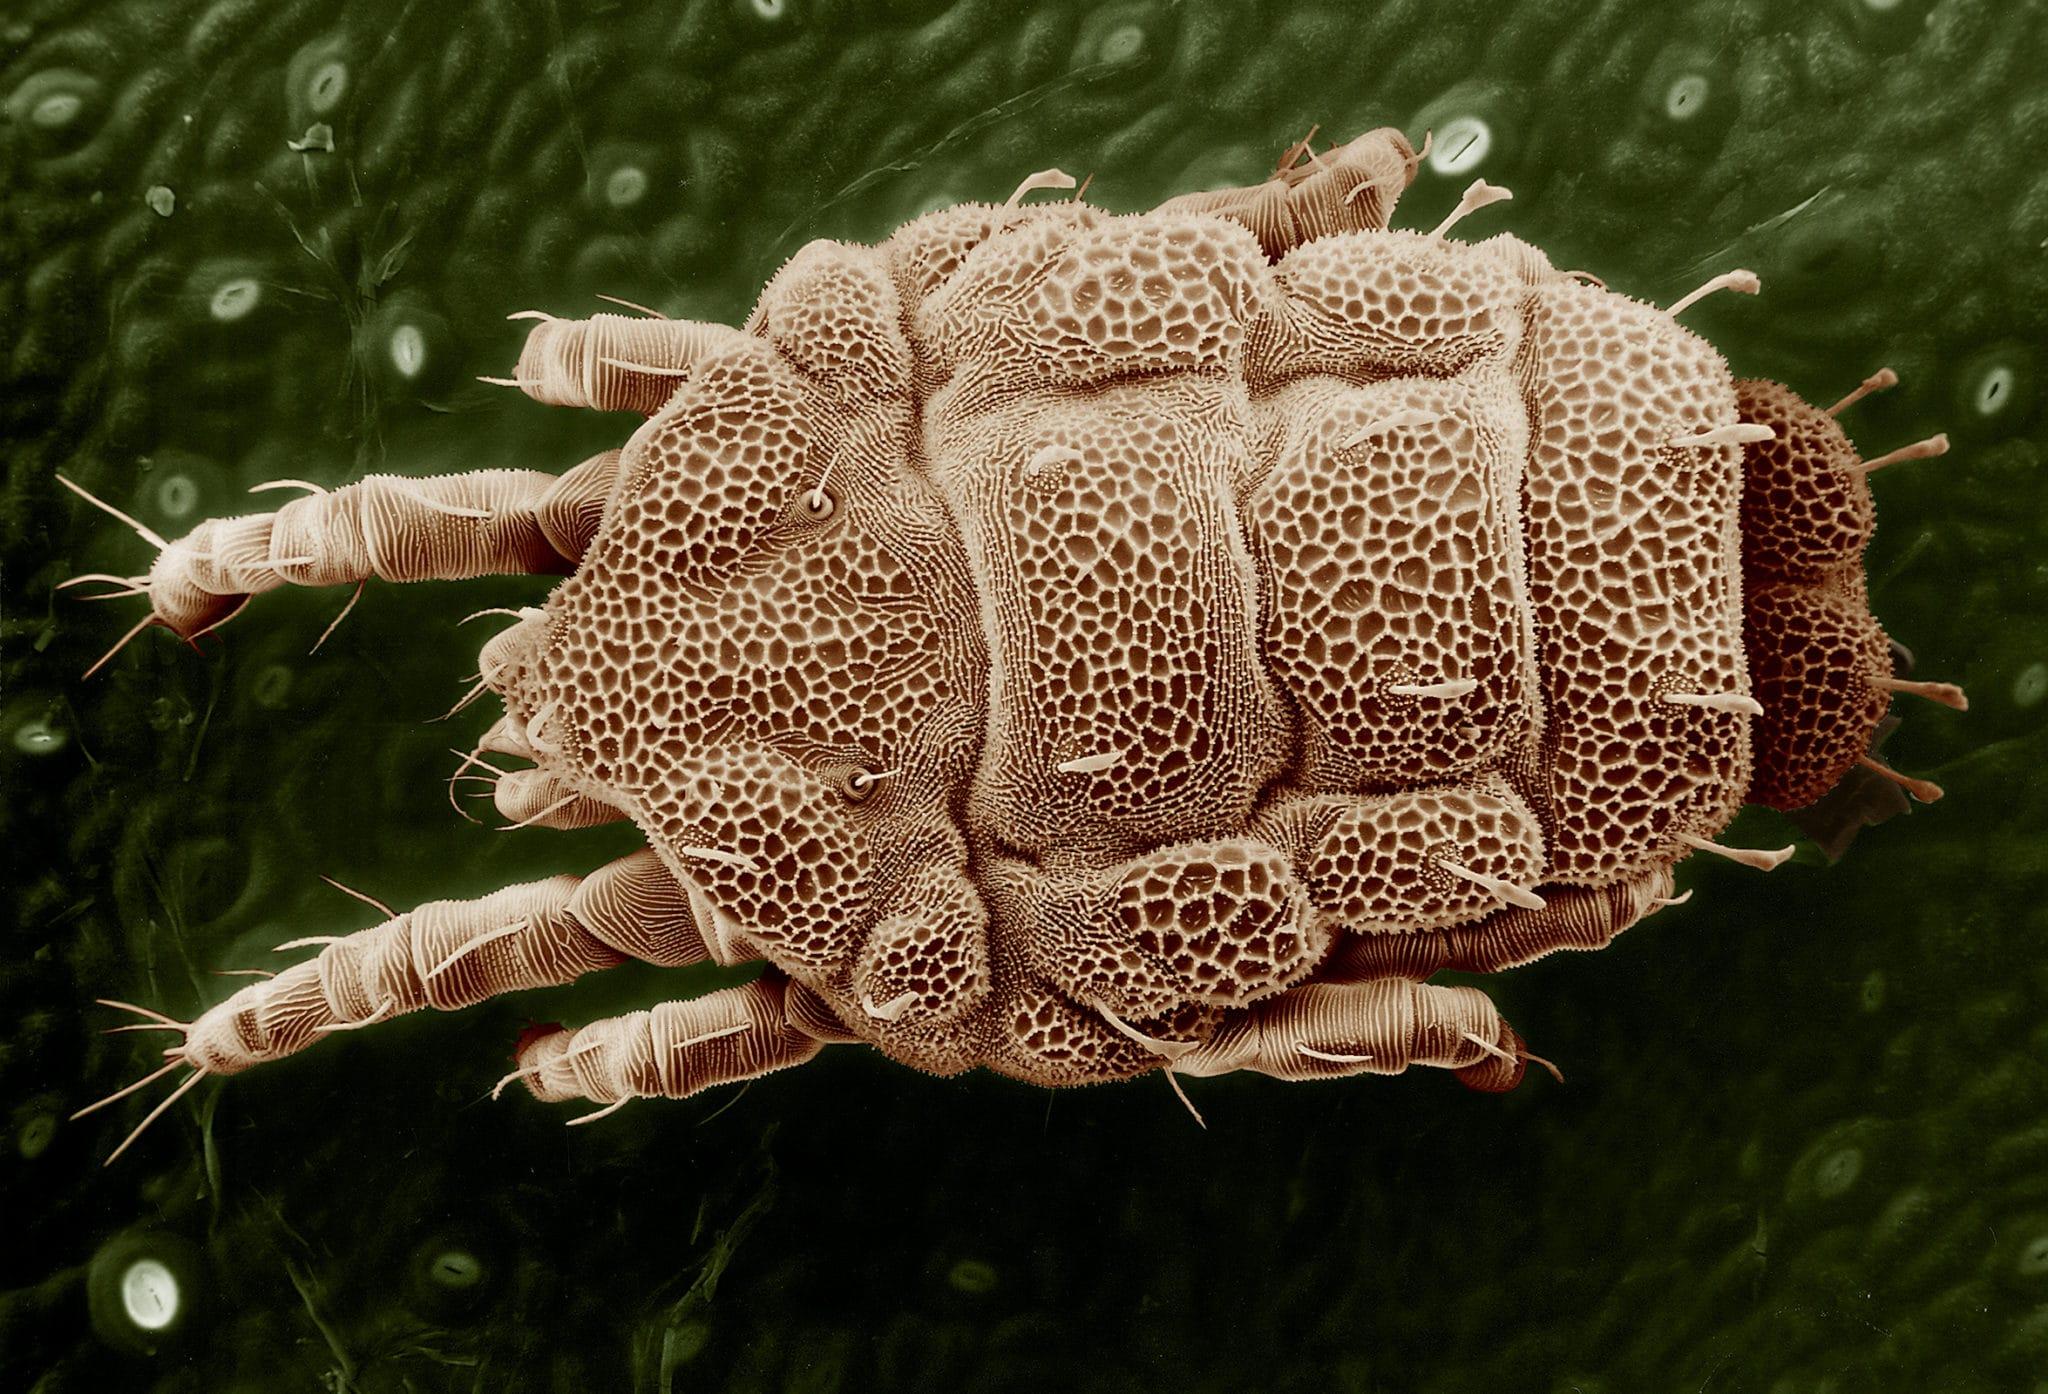 Est-ce que les acariens sont dangereux ?